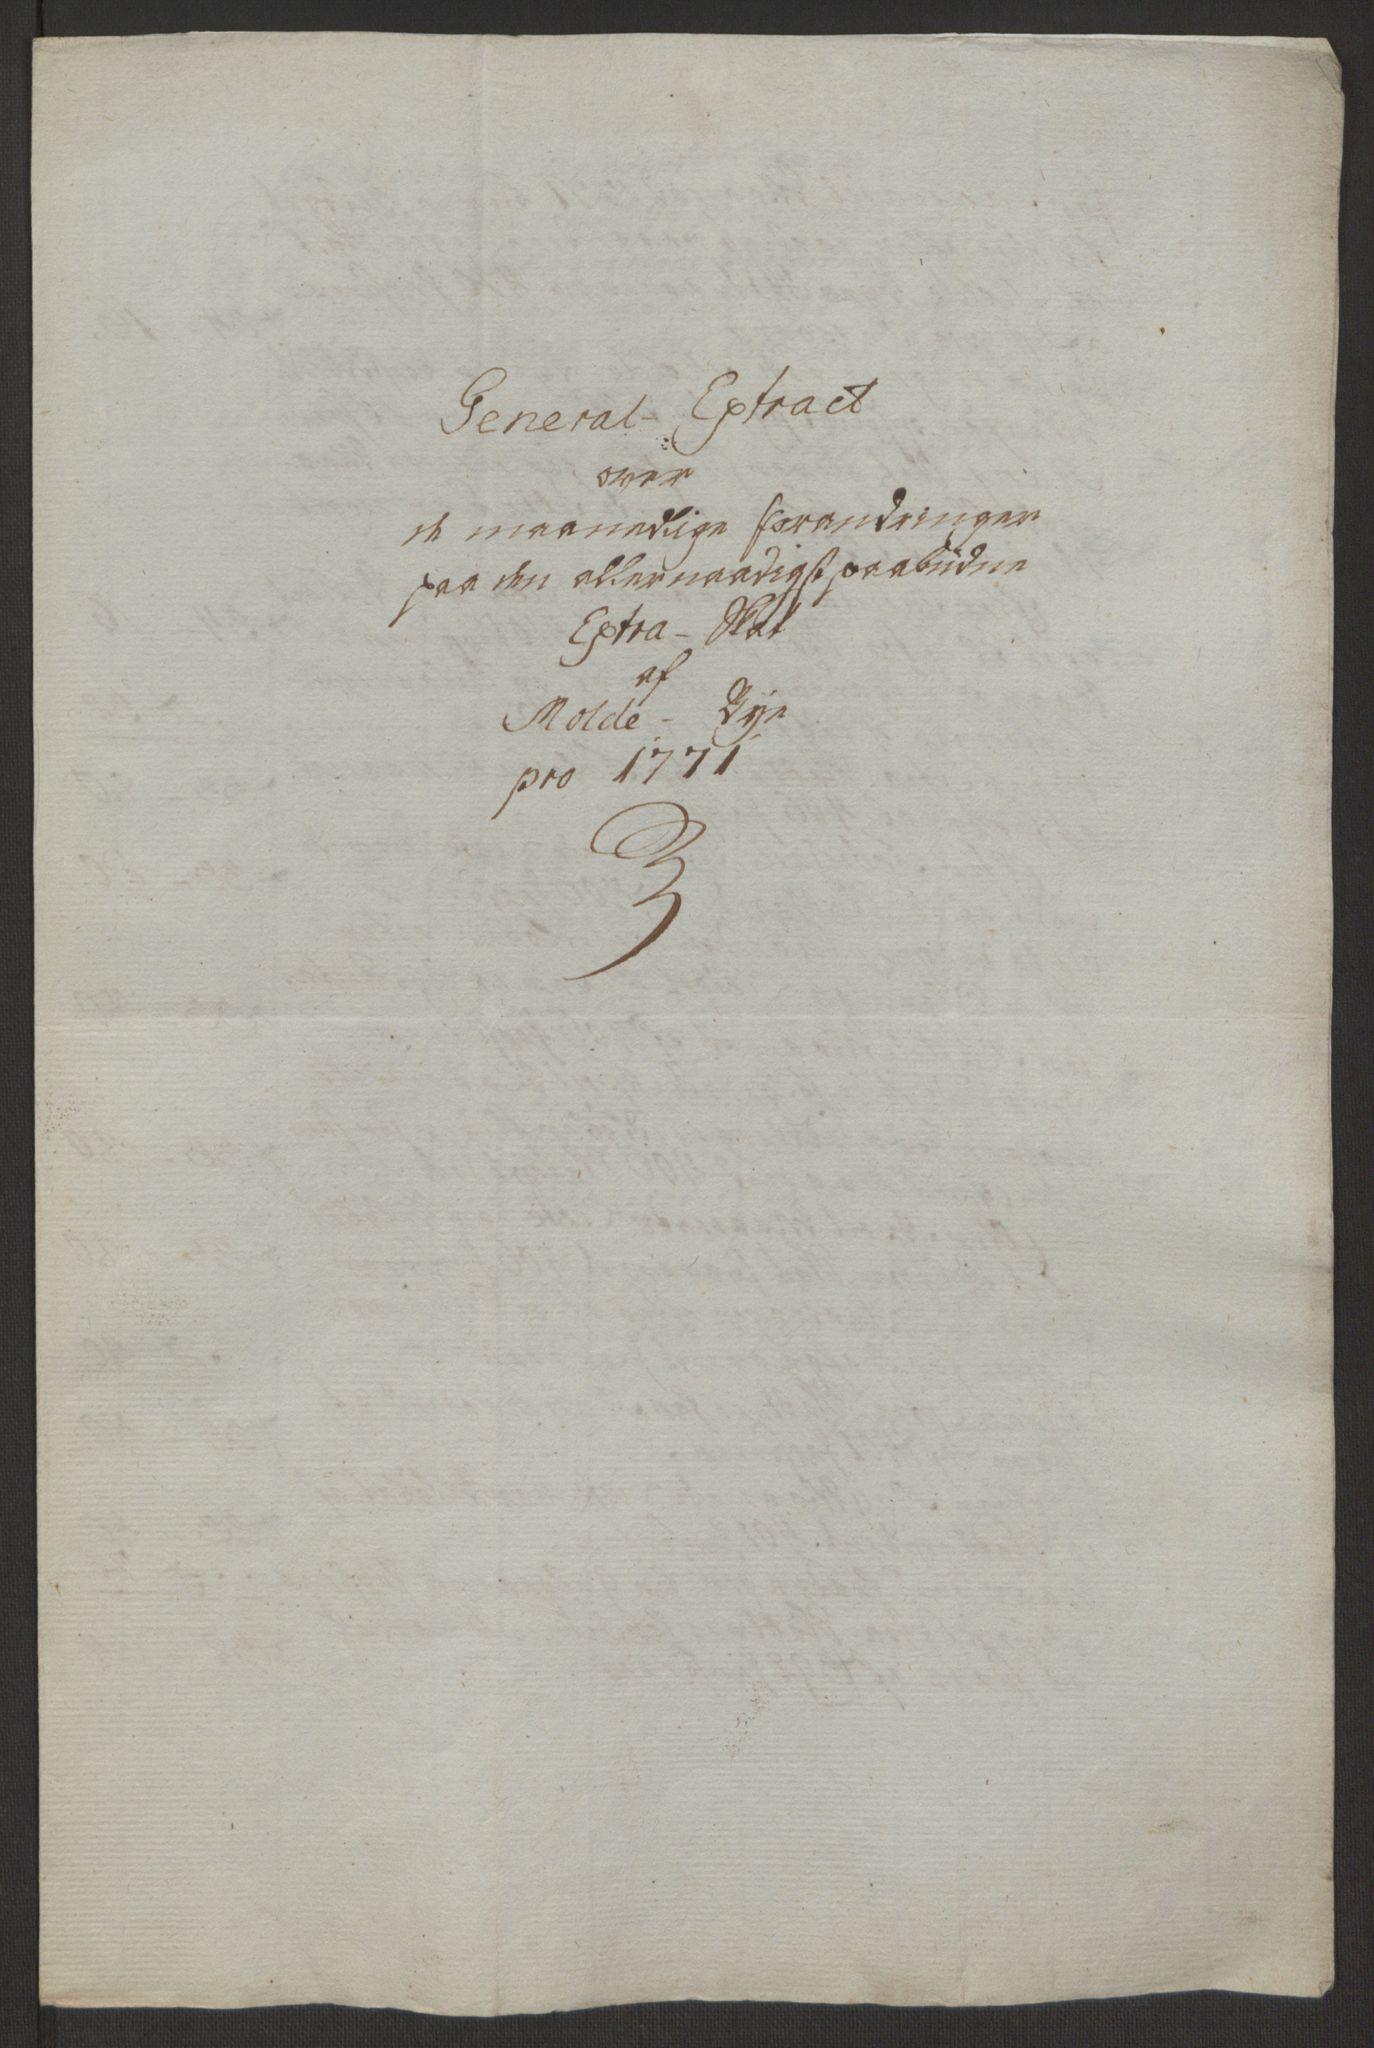 RA, Rentekammeret inntil 1814, Reviderte regnskaper, Byregnskaper, R/Rq/L0487: [Q1] Kontribusjonsregnskap, 1762-1772, s. 204